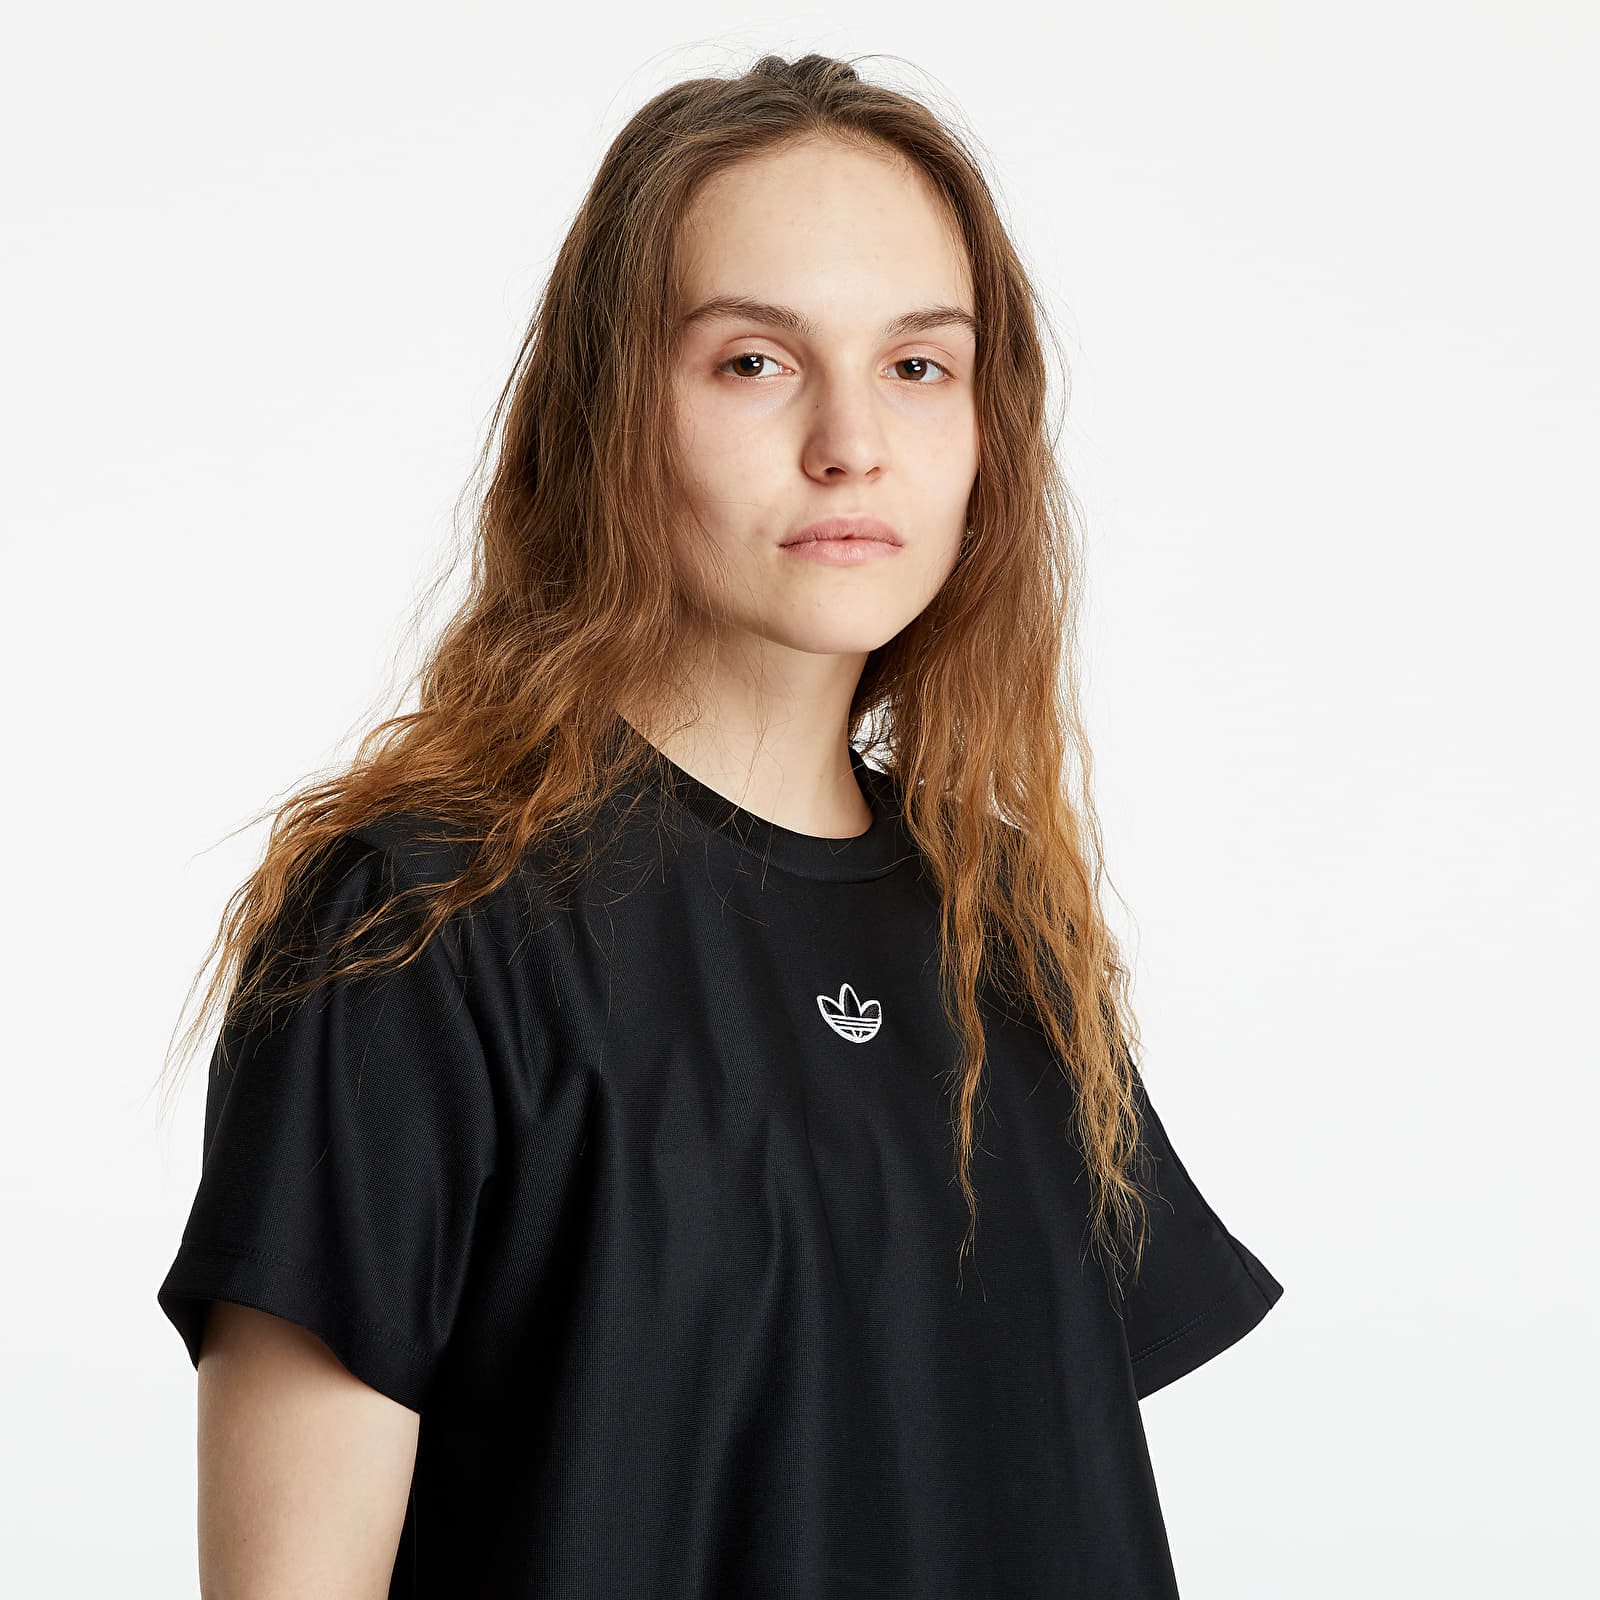 adidas Tee Black M/38